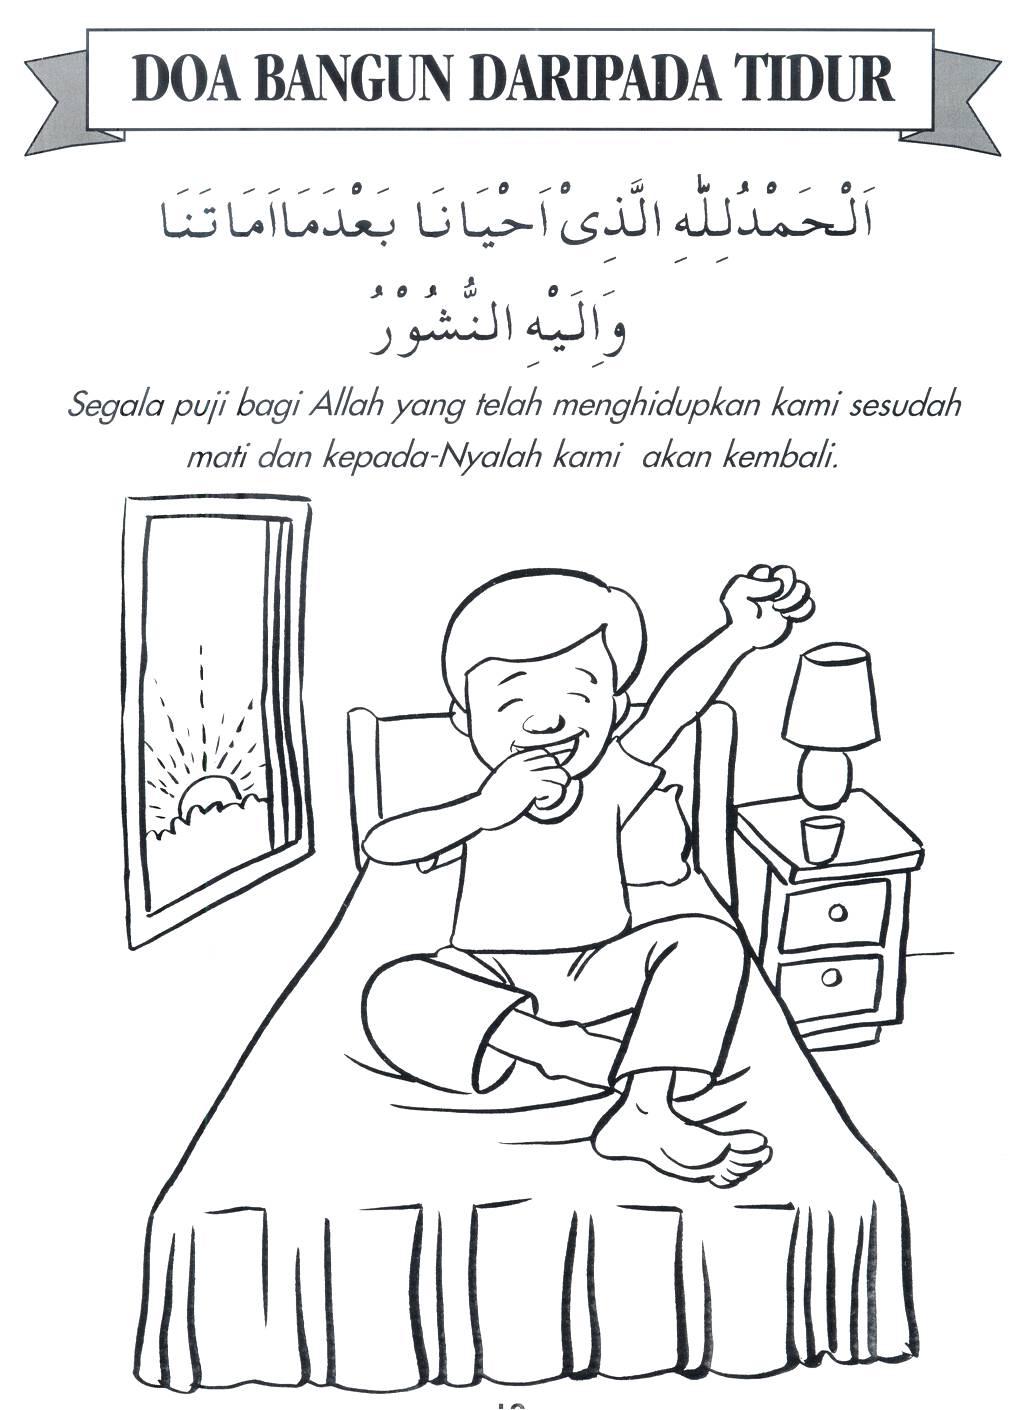 Doa Bangun Daripada Tidur Master Berbicara